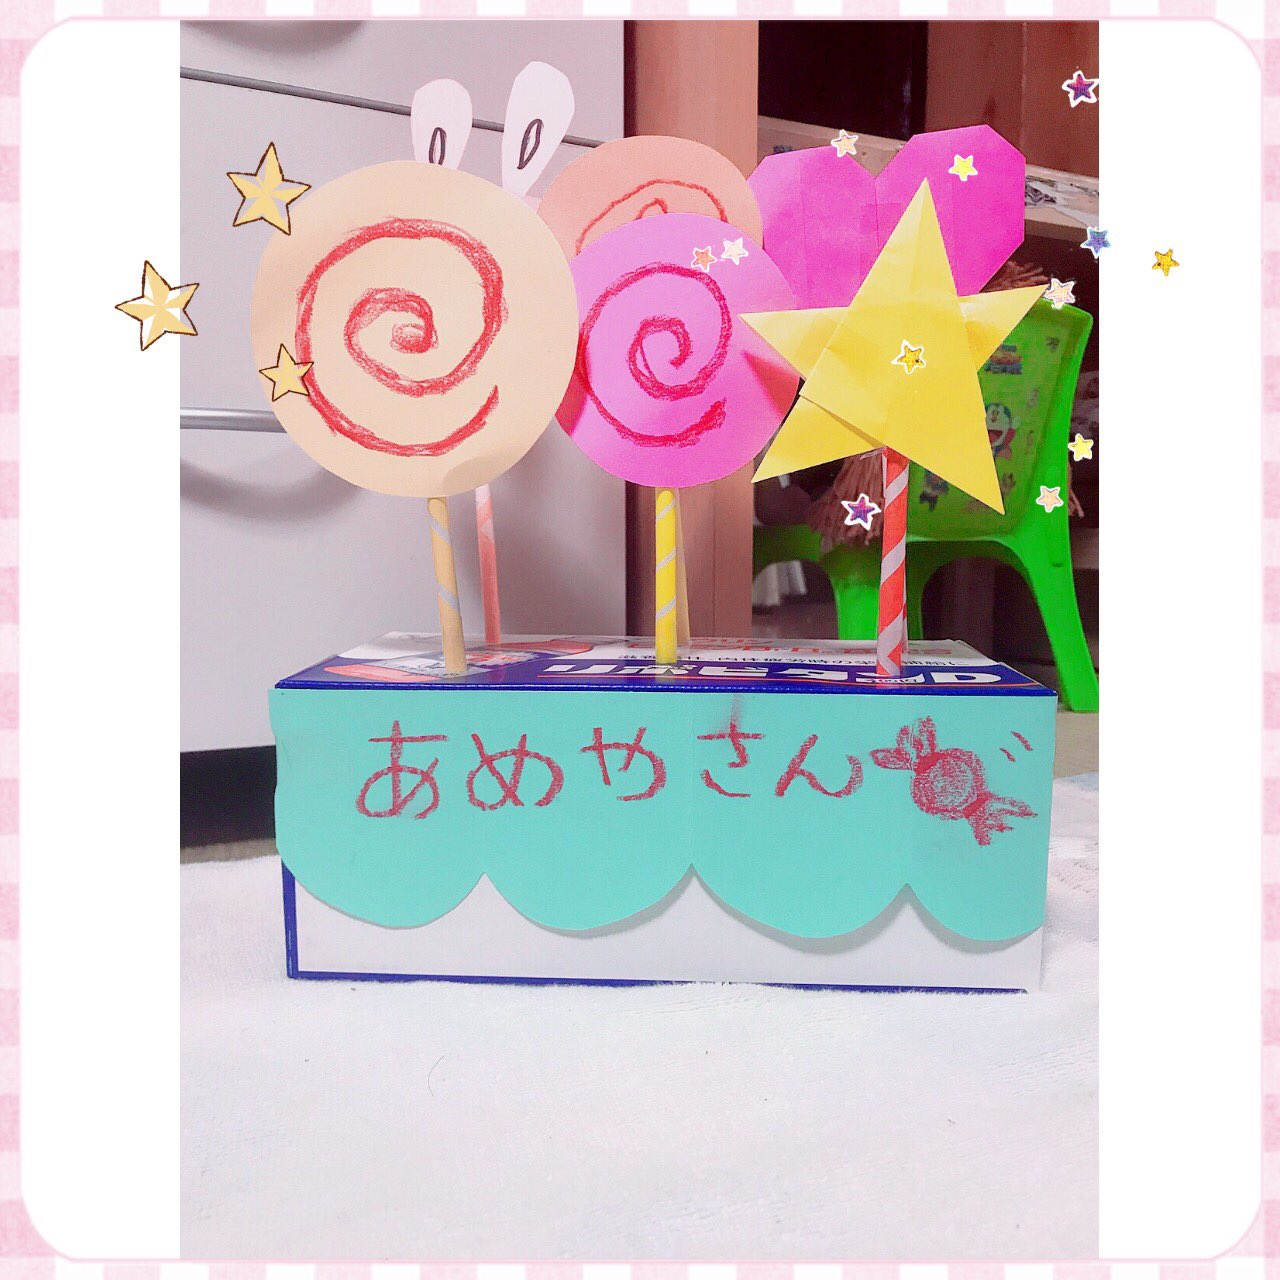 キャンディ 折り紙 ペロペロ